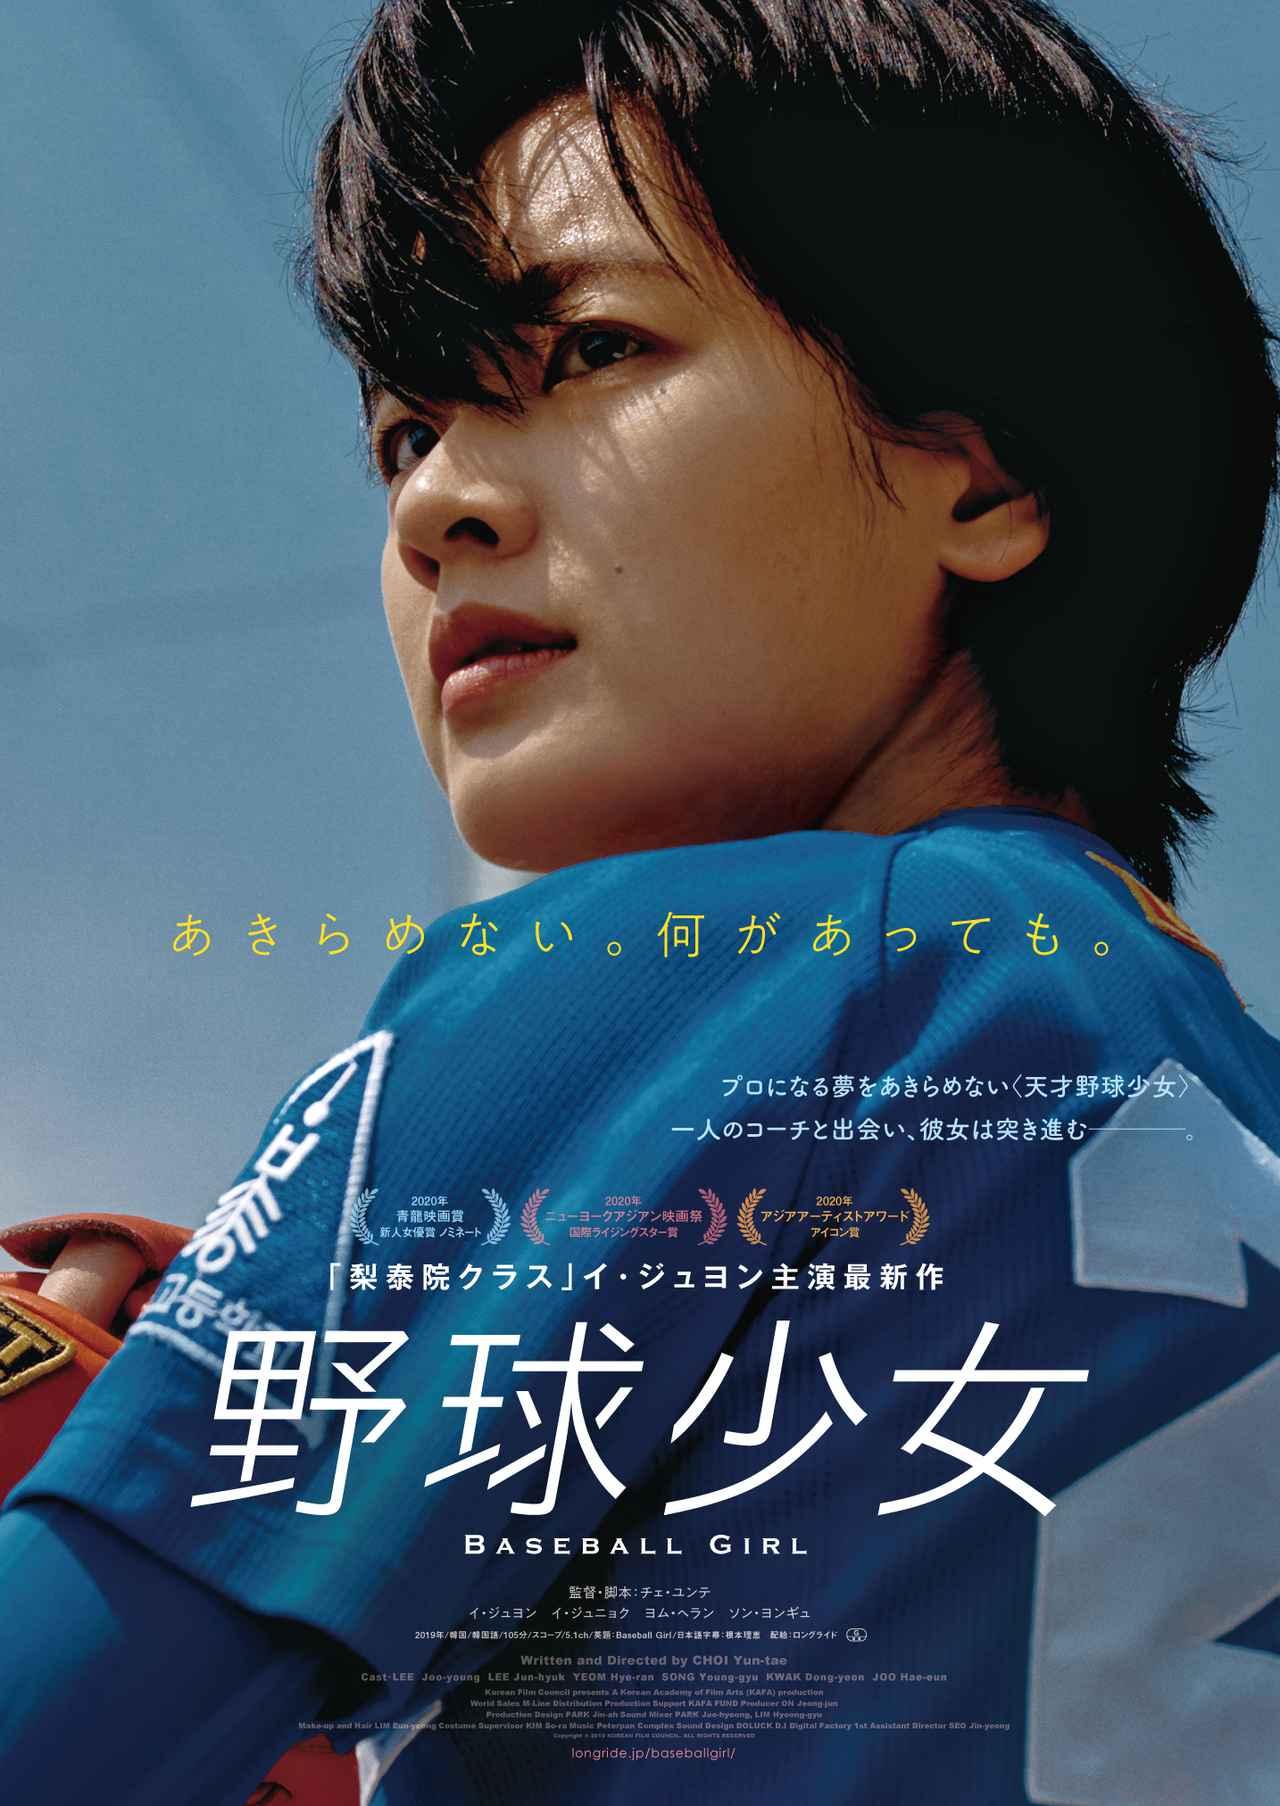 画像: 『野球少女』© 2019 KOREAN FILM COUNCIL. ALL RIGHTS RESERVED